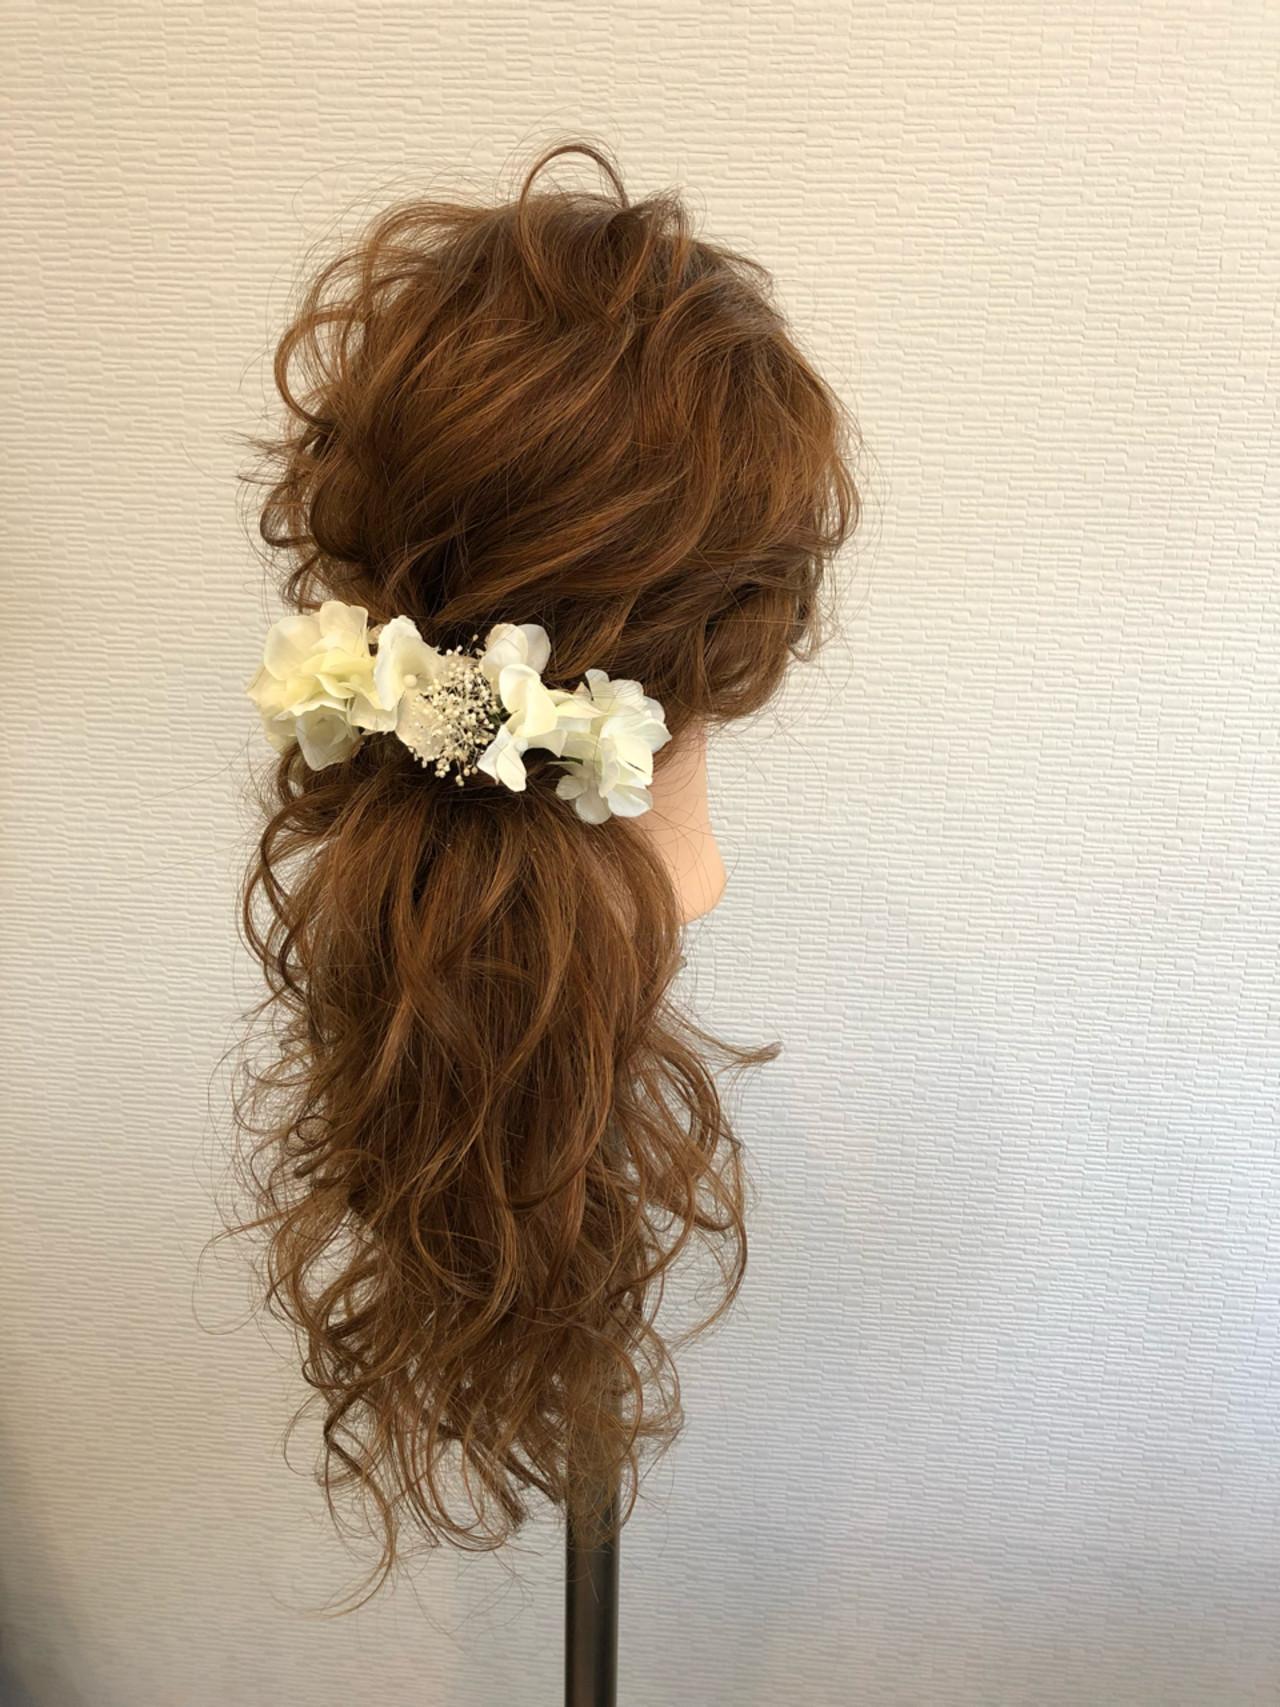 ポニーテール ヘアアレンジ フェミニン ブライダル ヘアスタイルや髪型の写真・画像